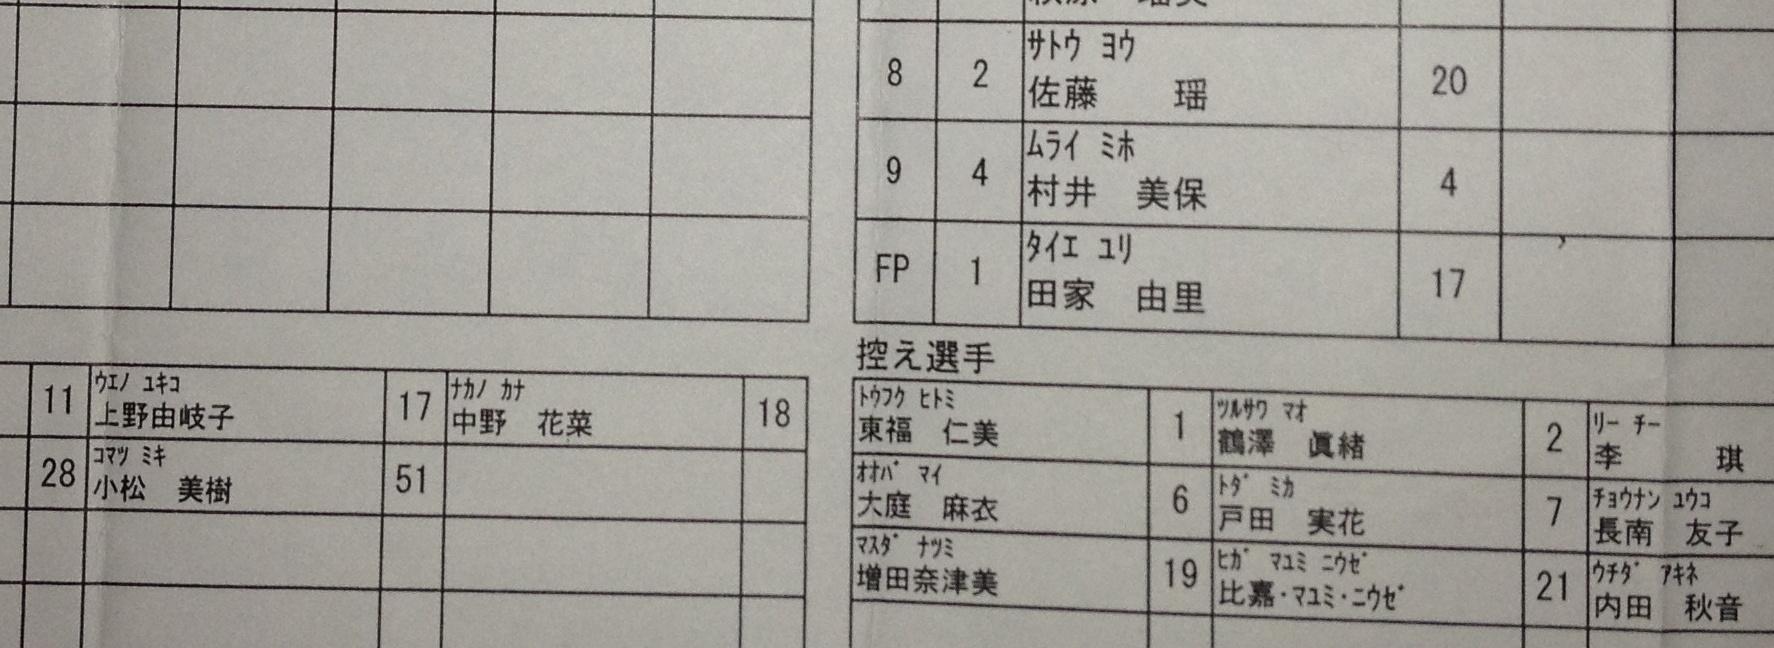 上牧クラブOB 日本女子ソフトボールリーグに登場(5/12)_b0226723_4425110.jpg